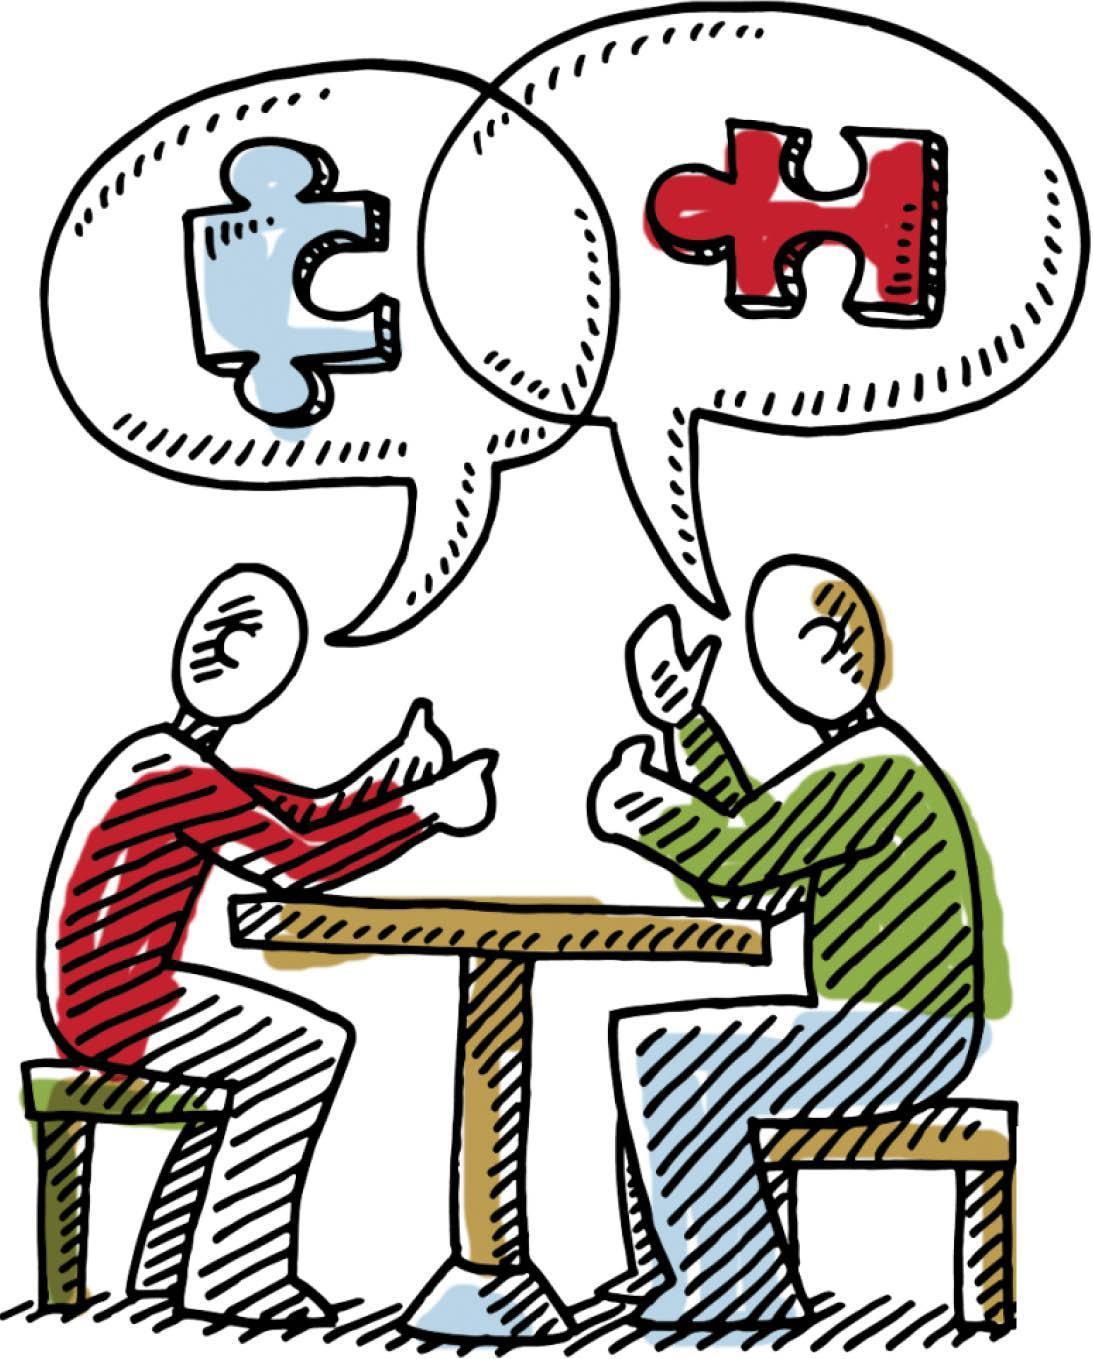 چرا تغییر دادن نظرات دیگران سخت است؟